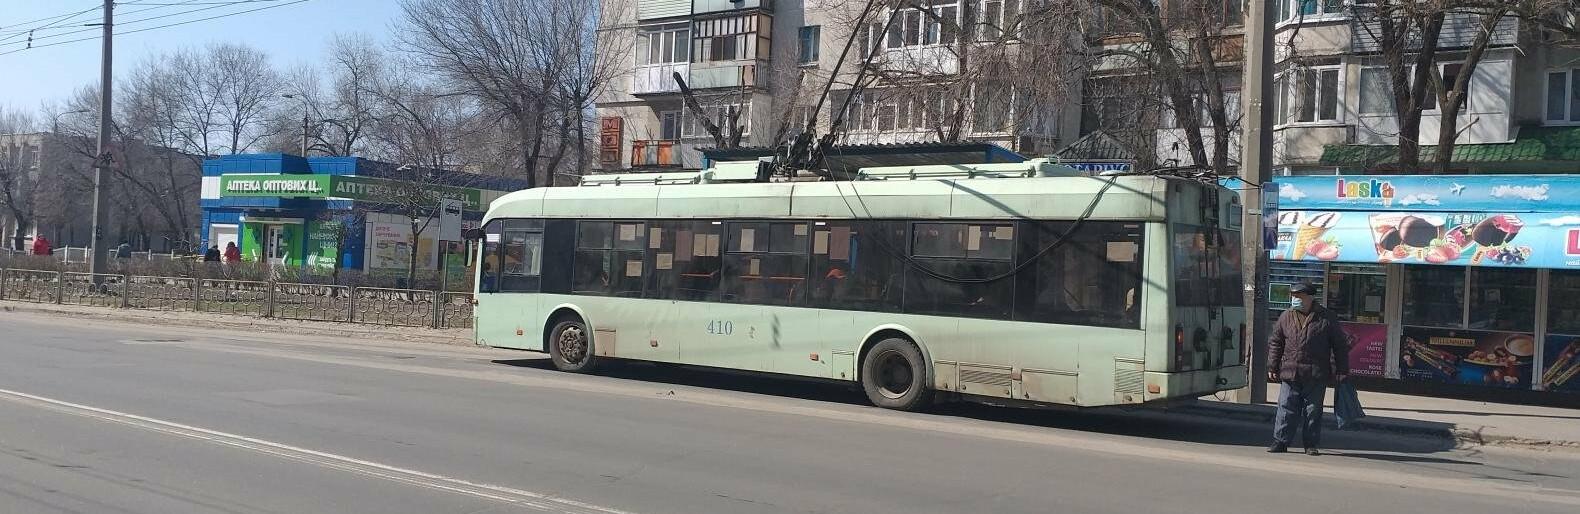 В Северодонецке временно изменено движение троллейбусного маршрута №6